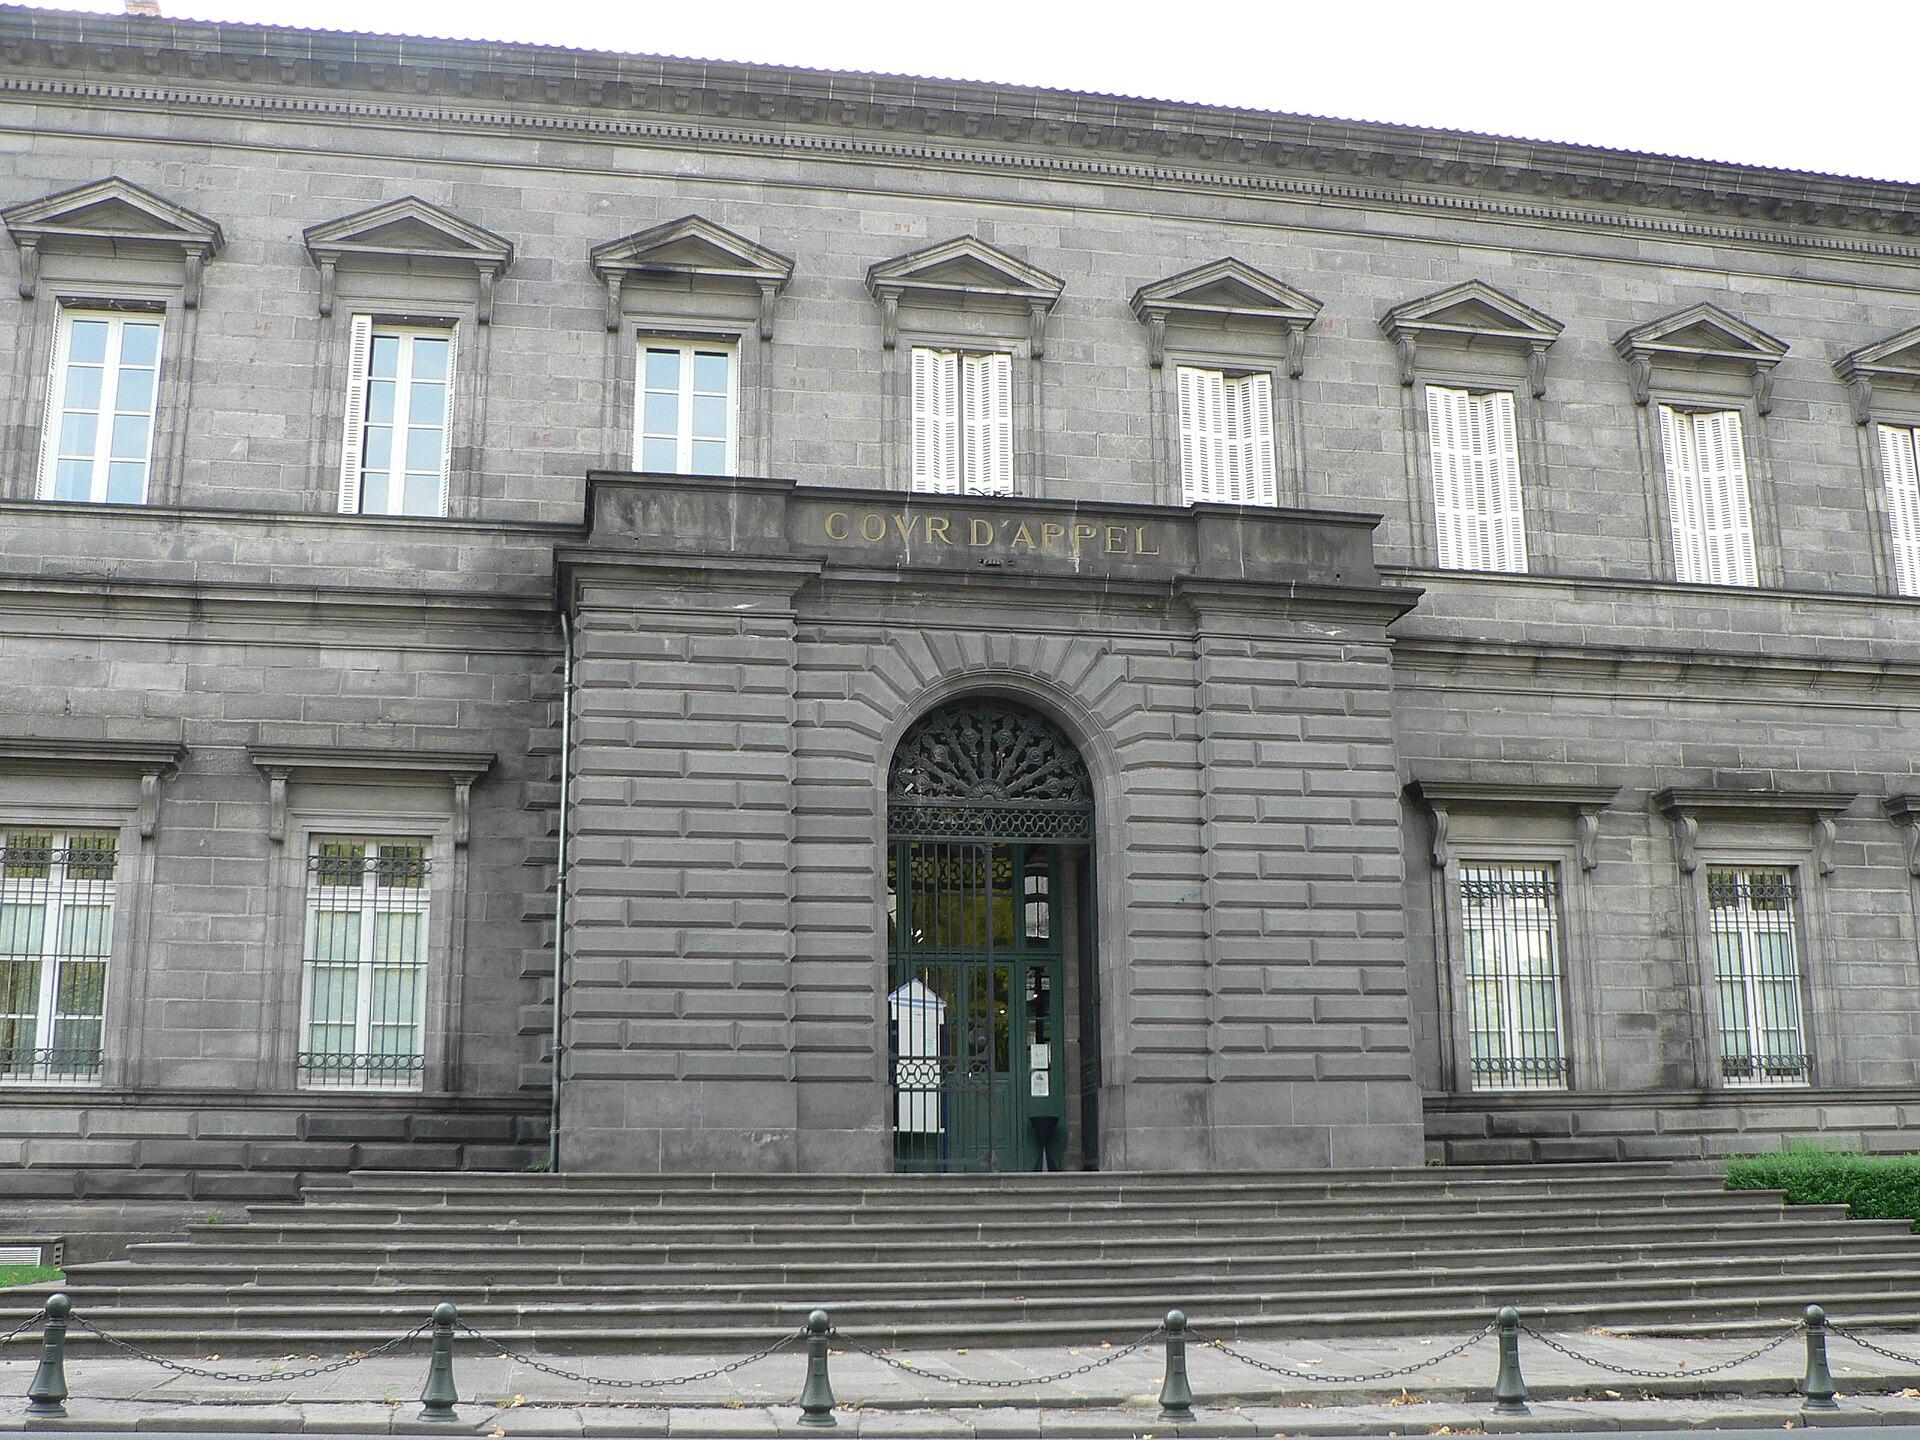 Cour d 39 appel de riom wikip dia - Chambre correctionnelle cour d appel ...